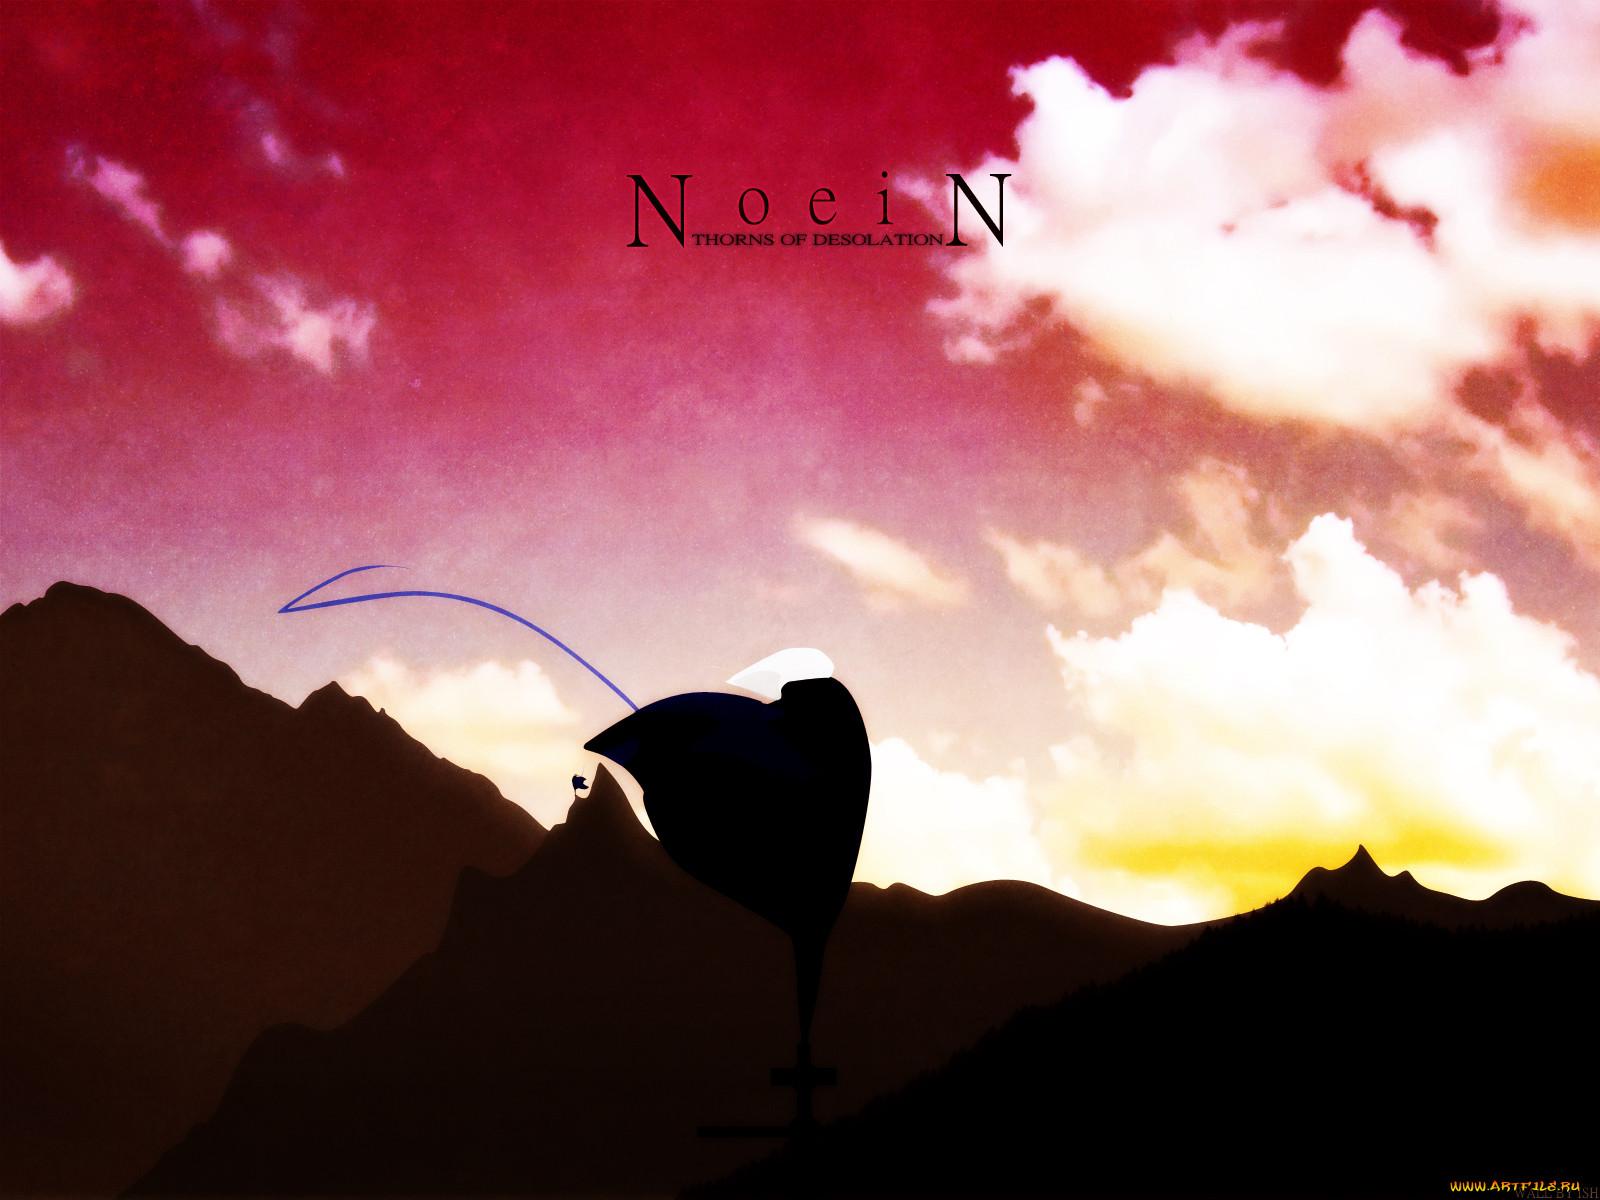 аниме, noein